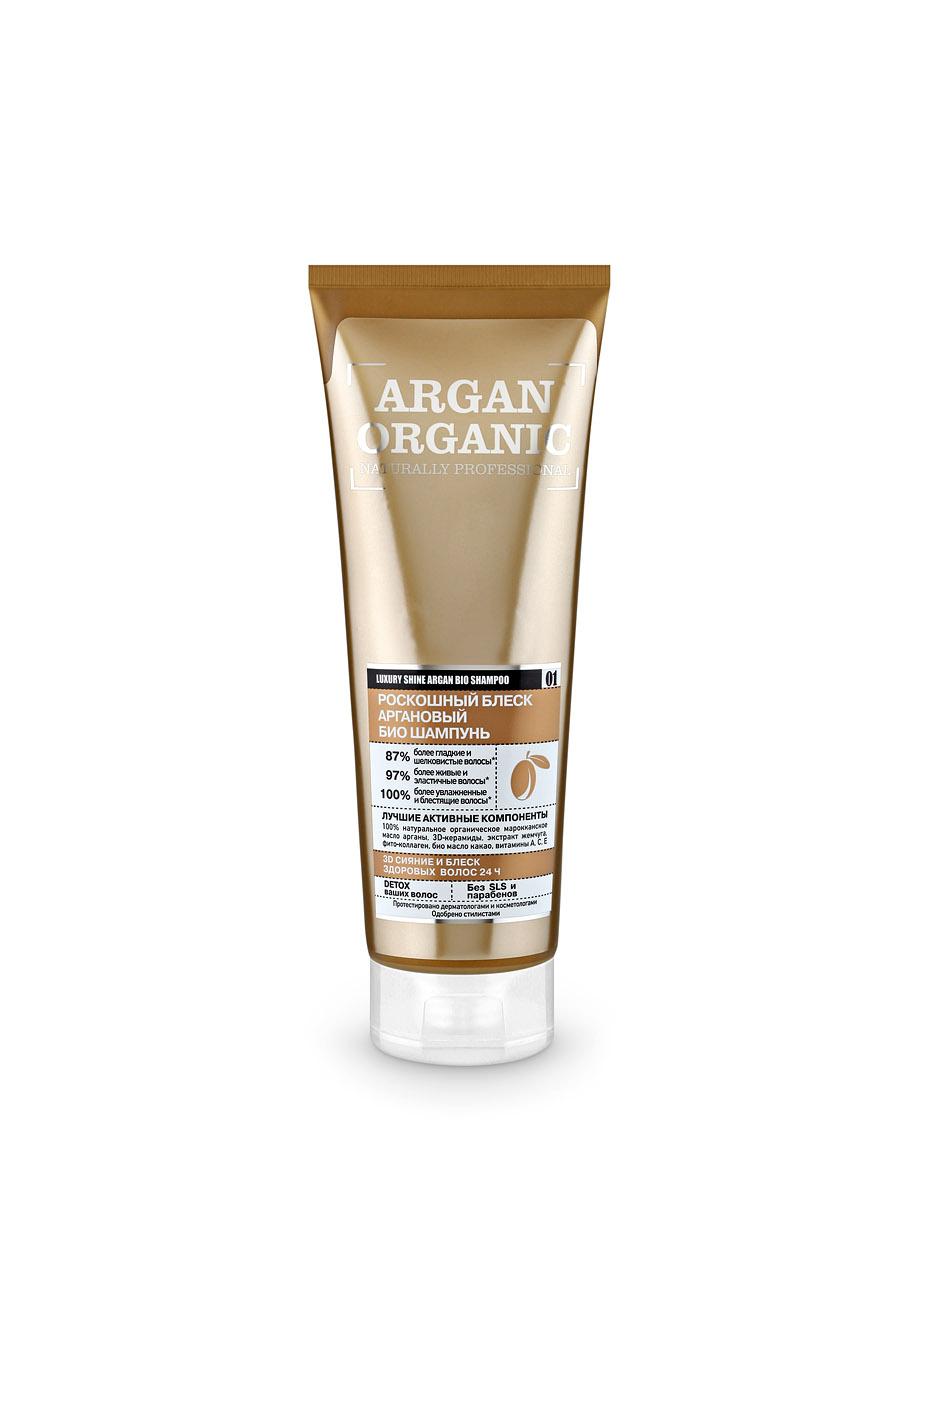 Оrganic Shop Naturally Professional Био-шампунь для волос Роскошный блеск, аргановый, 250 мл0861-1-4103100% натуральное органическое марокканское масло арганы интенсивно питает и увлажняет волосы, придает им зеркальный блеск и сияние. 3D-керамиды легко проникают внутрь волоса и восстанавливают их структуру, предотвращая ломкость и сечение. Экстракт жемчуга насыщает волосы минералами и аминокислотами, делая их гладкими и шелковистыми. Фито-коллаген проникает в глубь волос, уплотняя их структуру. Био масло какао укрепляет структуру волос, придавая им жизненную силу и энергию. Товар сертифицирован.